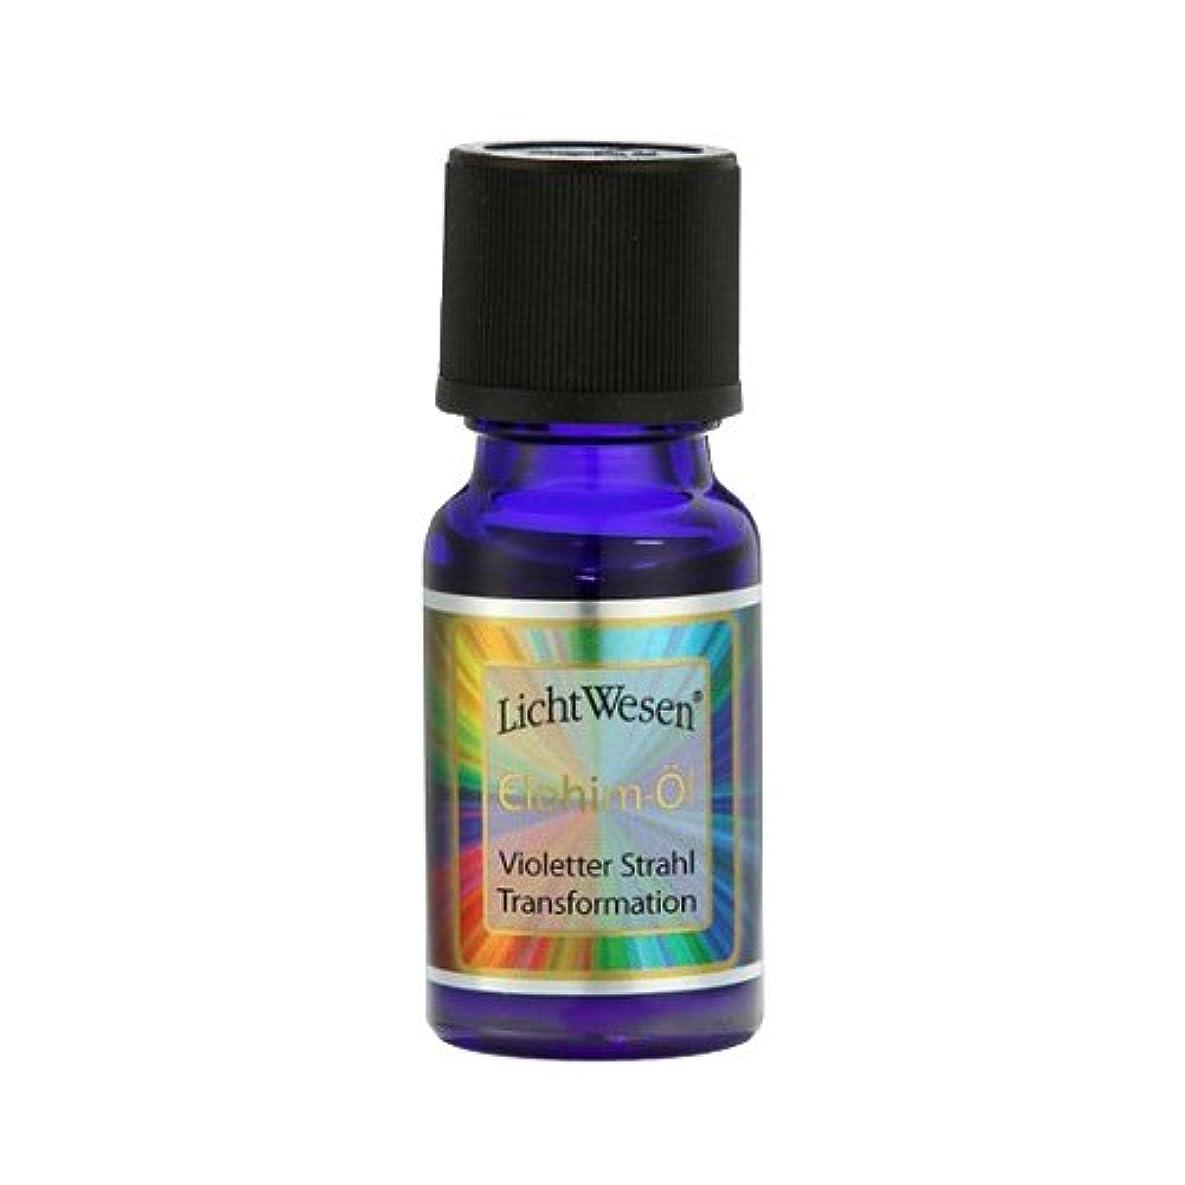 覚醒しなければならない緊張するリヒトヴェーゼン No.61 エロヒム天使 紫の光 エネルギーオイル 10ml